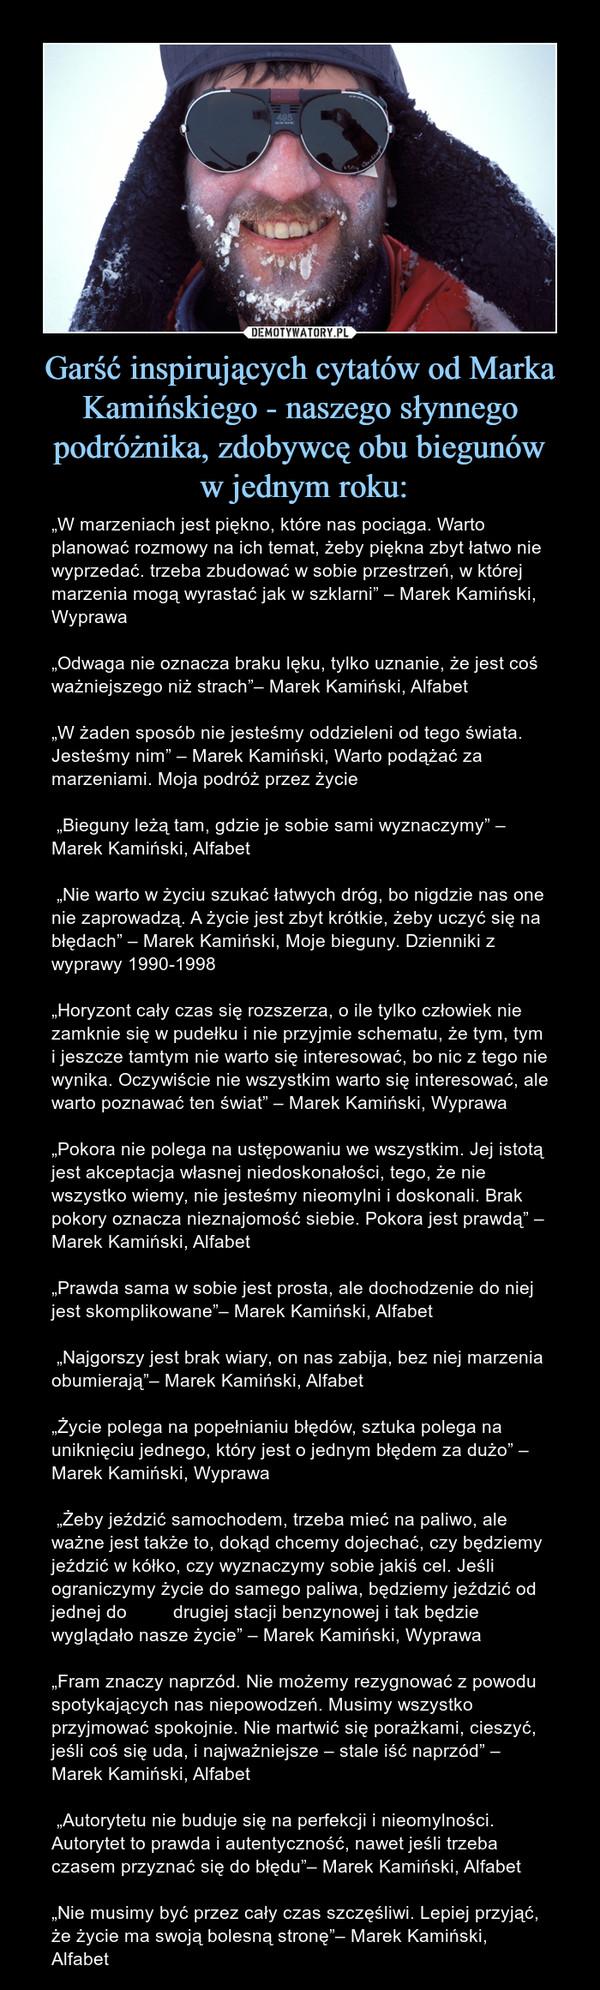 """Garść inspirujących cytatów od Marka Kamińskiego - naszego słynnego podróżnika, zdobywcę obu biegunów w jednym roku: – """"W marzeniach jest piękno, które nas pociąga. Warto planować rozmowy na ich temat, żeby piękna zbyt łatwo nie wyprzedać. trzeba zbudować w sobie przestrzeń, w której marzenia mogą wyrastać jak w szklarni"""" – Marek Kamiński, Wyprawa""""Odwaga nie oznacza braku lęku, tylko uznanie, że jest coś ważniejszego niż strach""""– Marek Kamiński, Alfabet""""W żaden sposób nie jesteśmy oddzieleni od tego świata. Jesteśmy nim"""" – Marek Kamiński, Warto podążać za marzeniami. Moja podróż przez życie """"Bieguny leżą tam, gdzie je sobie sami wyznaczymy"""" – Marek Kamiński, Alfabet """"Nie warto w życiu szukać łatwych dróg, bo nigdzie nas one nie zaprowadzą. A życie jest zbyt krótkie, żeby uczyć się na błędach"""" – Marek Kamiński, Moje bieguny. Dzienniki z wyprawy 1990-1998""""Horyzont cały czas się rozszerza, o ile tylko człowiek nie zamknie się w pudełku i nie przyjmie schematu, że tym, tym i jeszcze tamtym nie warto się interesować, bo nic z tego nie wynika. Oczywiście nie wszystkim warto się interesować, ale warto poznawać ten świat"""" – Marek Kamiński, Wyprawa""""Pokora nie polega na ustępowaniu we wszystkim. Jej istotą jest akceptacja własnej niedoskonałości, tego, że nie wszystko wiemy, nie jesteśmy nieomylni i doskonali. Brak pokory oznacza nieznajomość siebie. Pokora jest prawdą"""" – Marek Kamiński, Alfabet""""Prawda sama w sobie jest prosta, ale dochodzenie do niej jest skomplikowane""""– Marek Kamiński, Alfabet """"Najgorszy jest brak wiary, on nas zabija, bez niej marzenia obumierają""""– Marek Kamiński, Alfabet""""Życie polega na popełnianiu błędów, sztuka polega na uniknięciu jednego, który jest o jednym błędem za dużo"""" – Marek Kamiński, Wyprawa """"Żeby jeździć samochodem, trzeba mieć na paliwo, ale ważne jest także to, dokąd chcemy dojechać, czy będziemy jeździć w kółko, czy wyznaczymy sobie jakiś cel. Jeśli ograniczymy życie do samego paliwa, będziemy jeździć od jednej do         drugiej stacji be"""